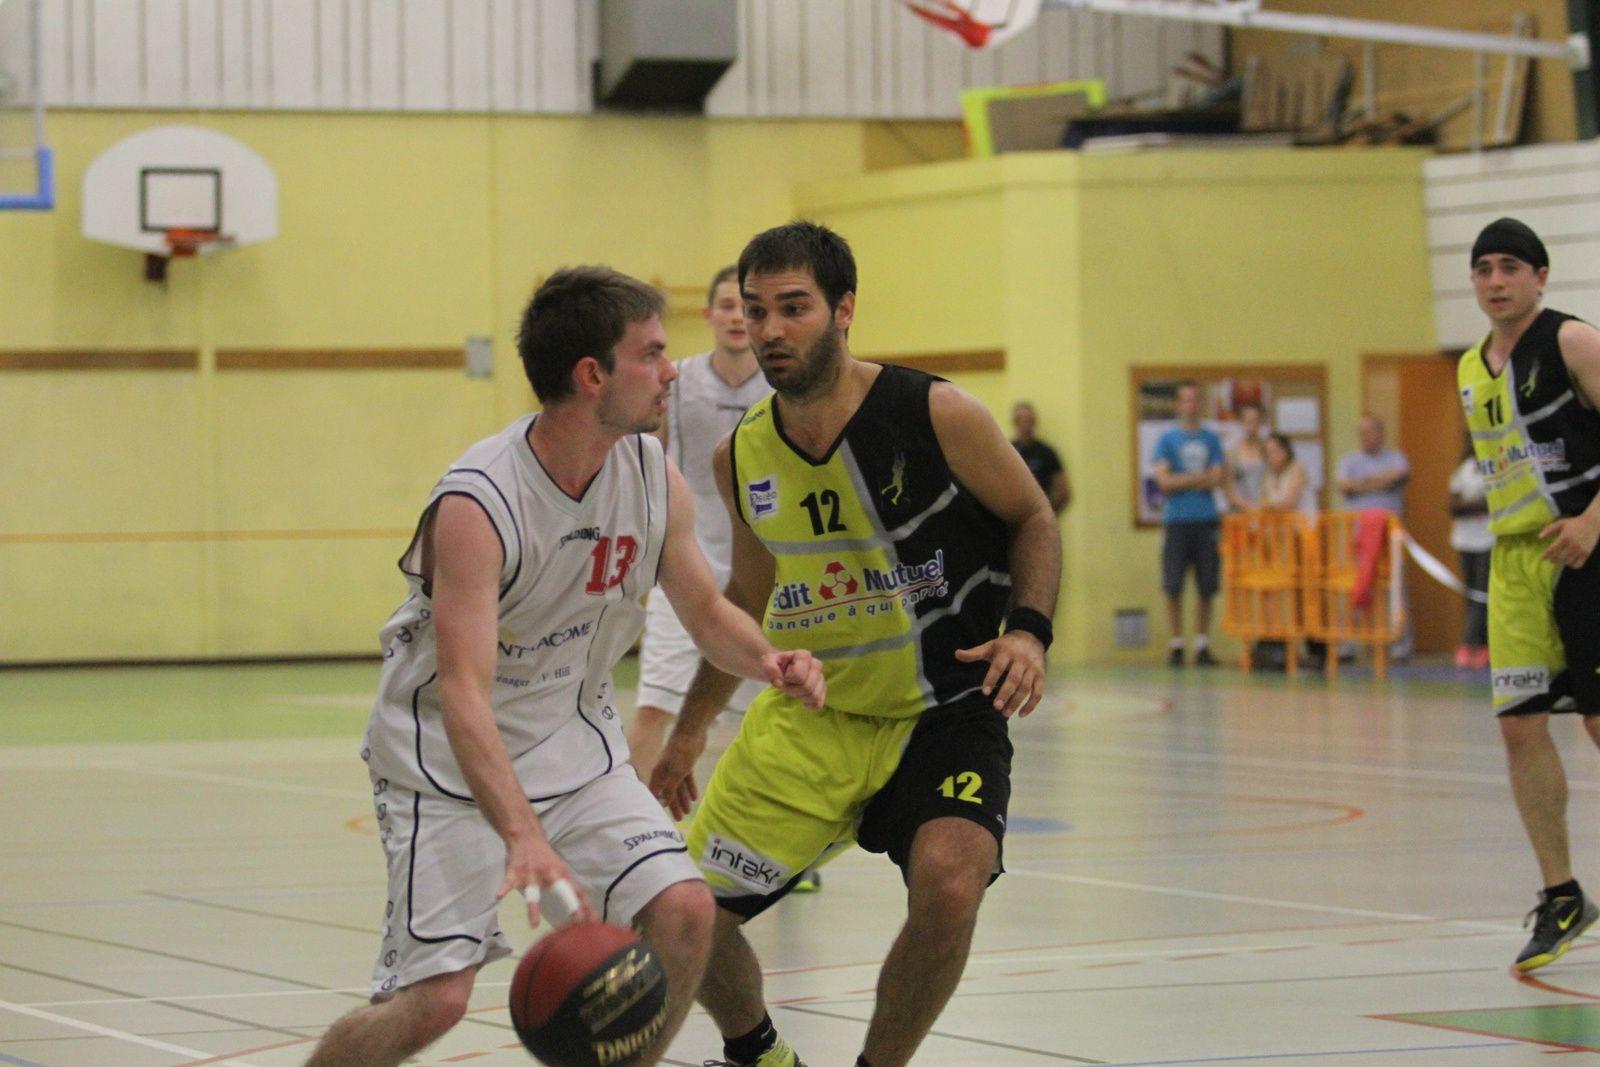 Le CLAMV Basket a raflé trois trophées cette saison